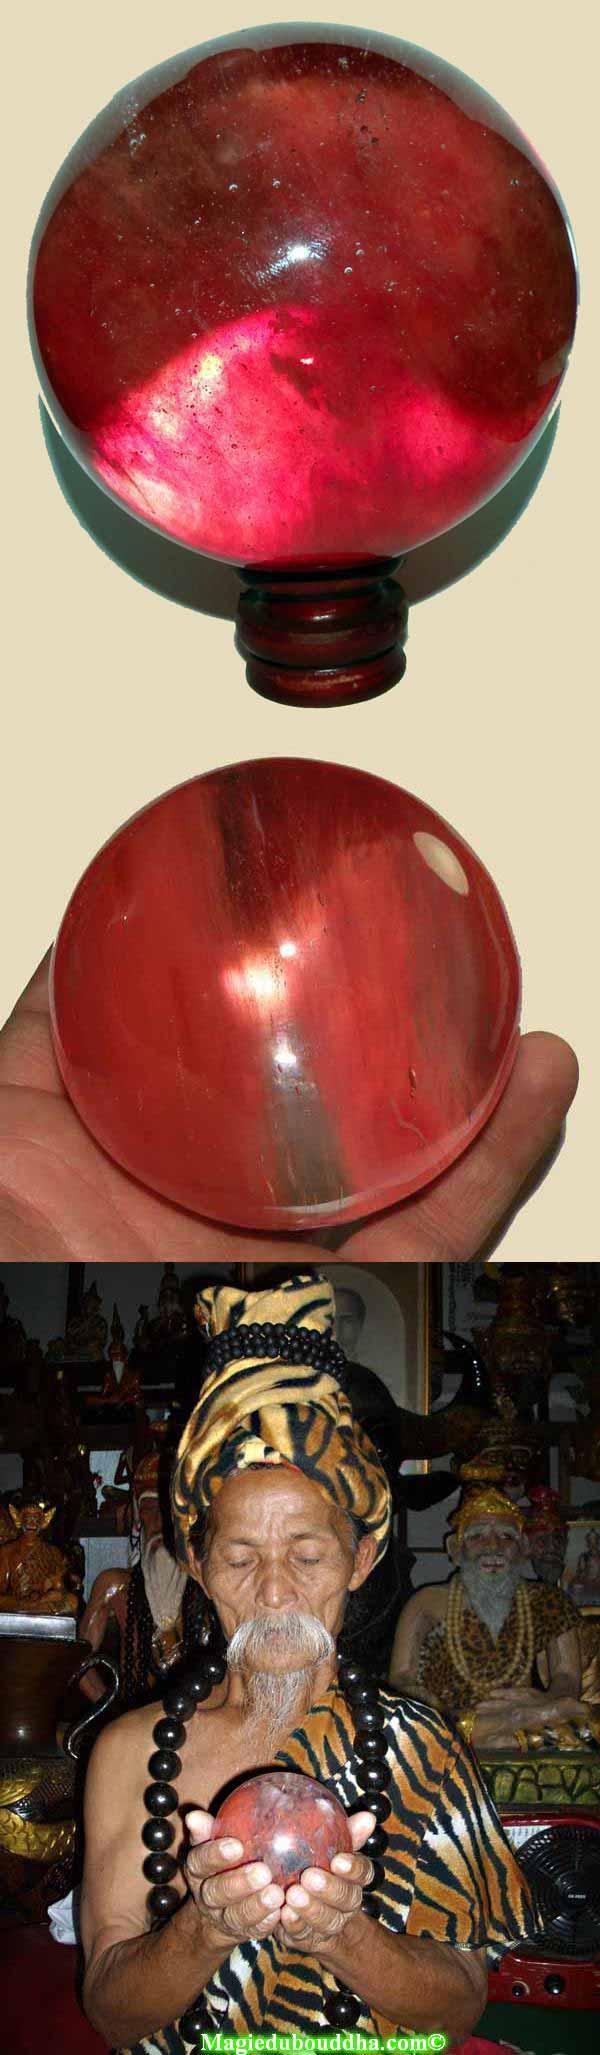 boule de cristal de lersi po kassem